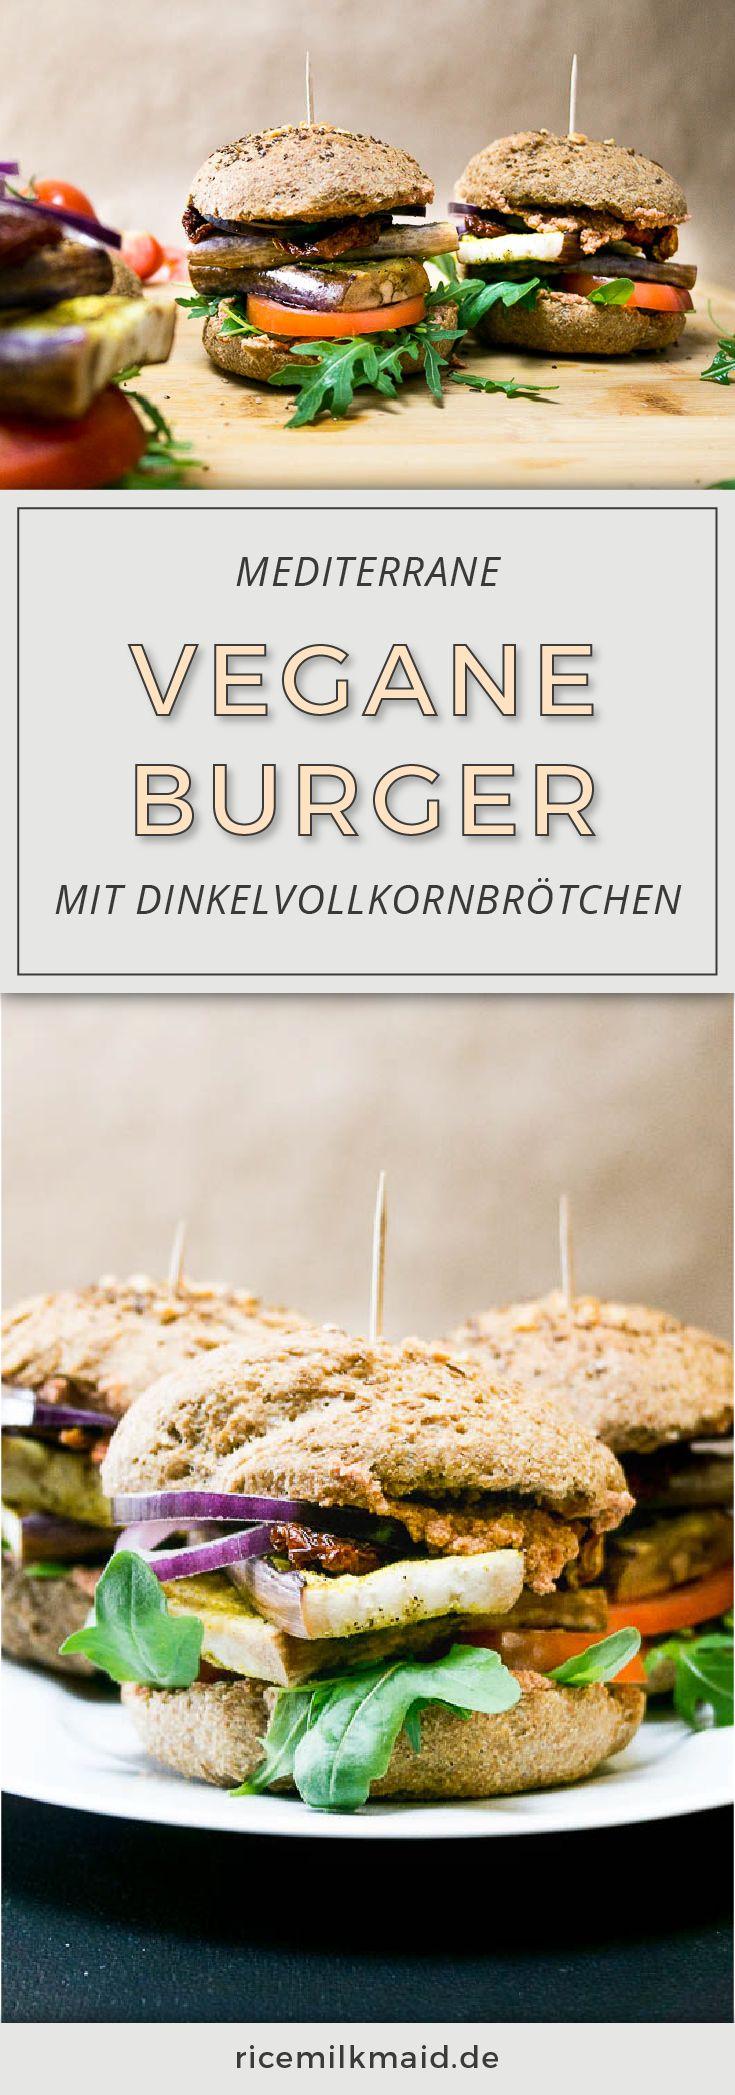 Mediterrane Burger mit selbst gemachten Dinkelvollkornbrötchen. Natürlich vegan und sommerlich frisch. ♥ | Ricemilkmaid Blog